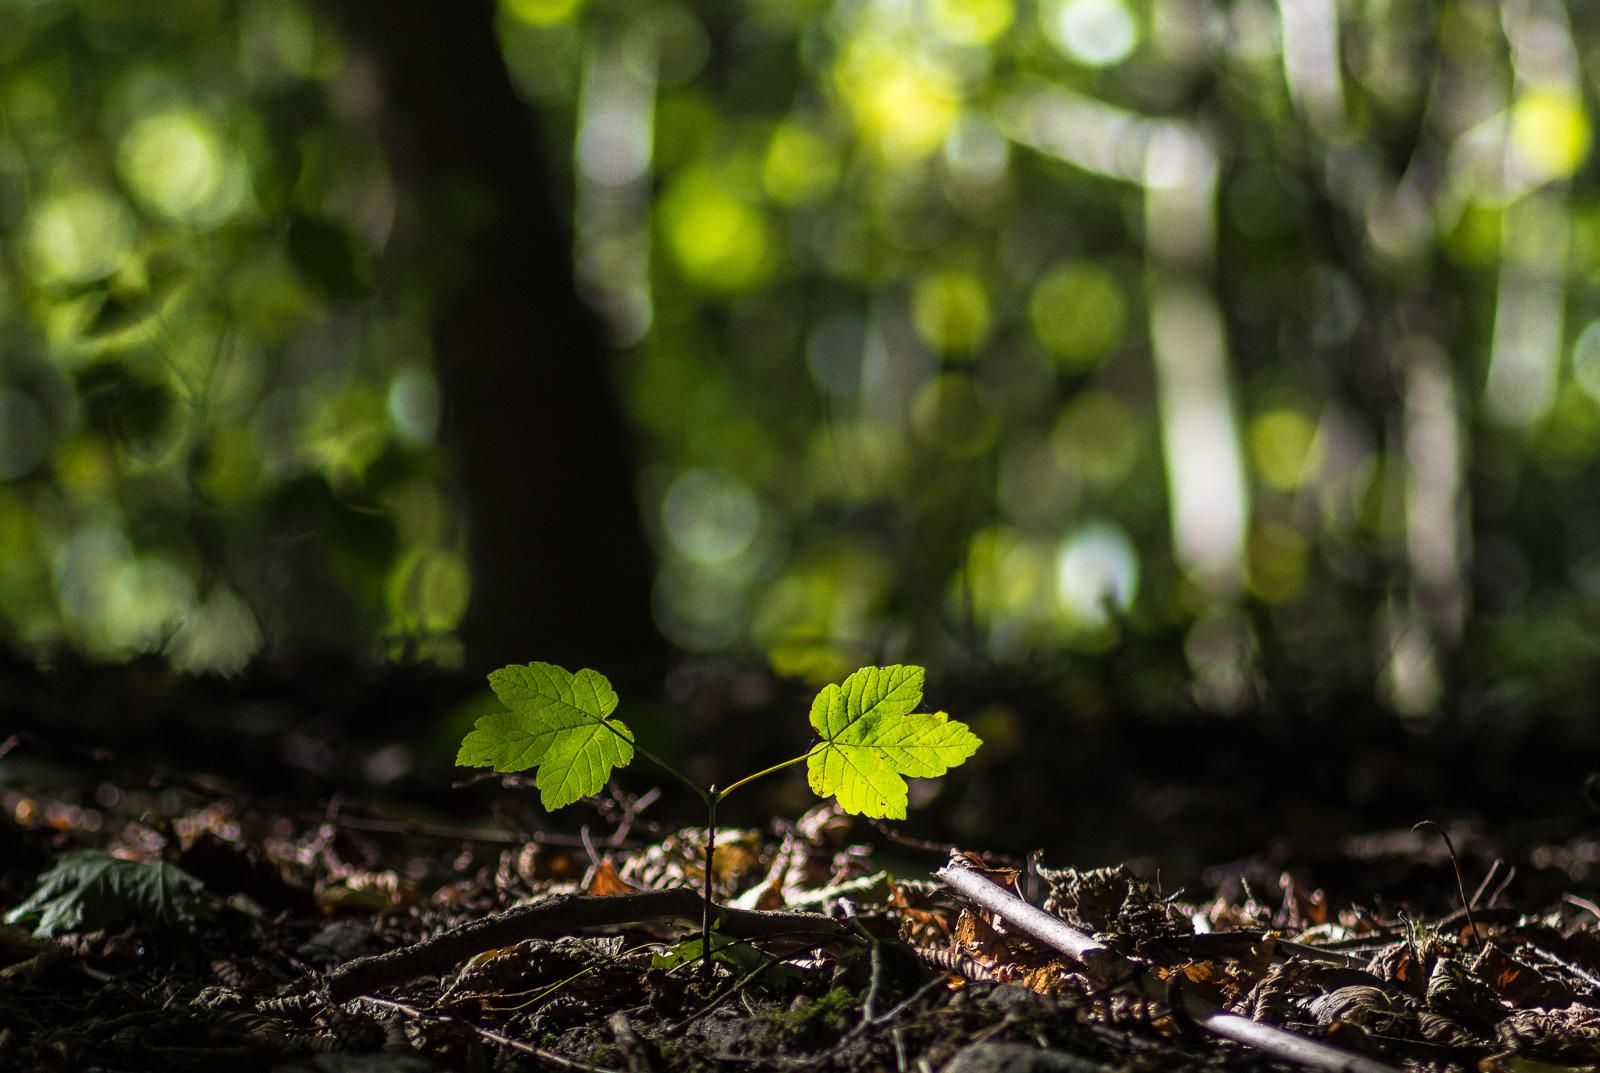 Junger Baum (erst zwei Blätter) im Gegenlicht vor leuchtend grünen Unschärfekringeln